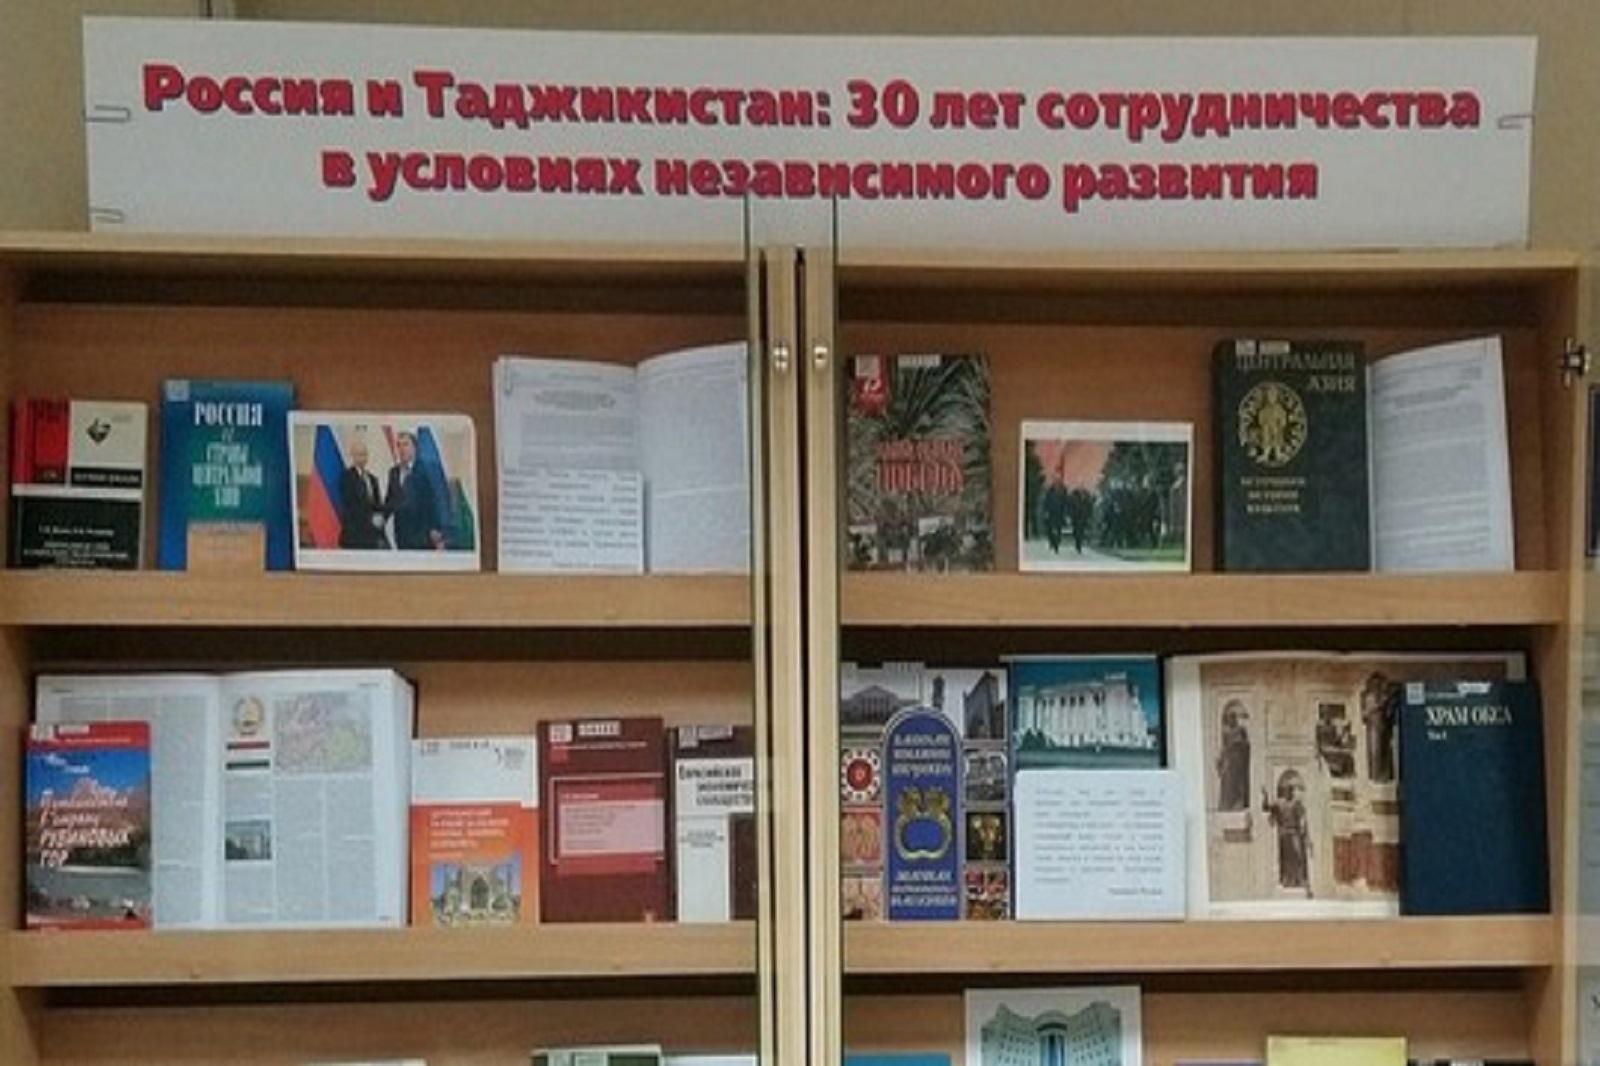 乌拉尔联邦大学图书馆筹备了一个俄罗斯和塔吉克斯坦的合作展览插图-小狮座俄罗斯留学